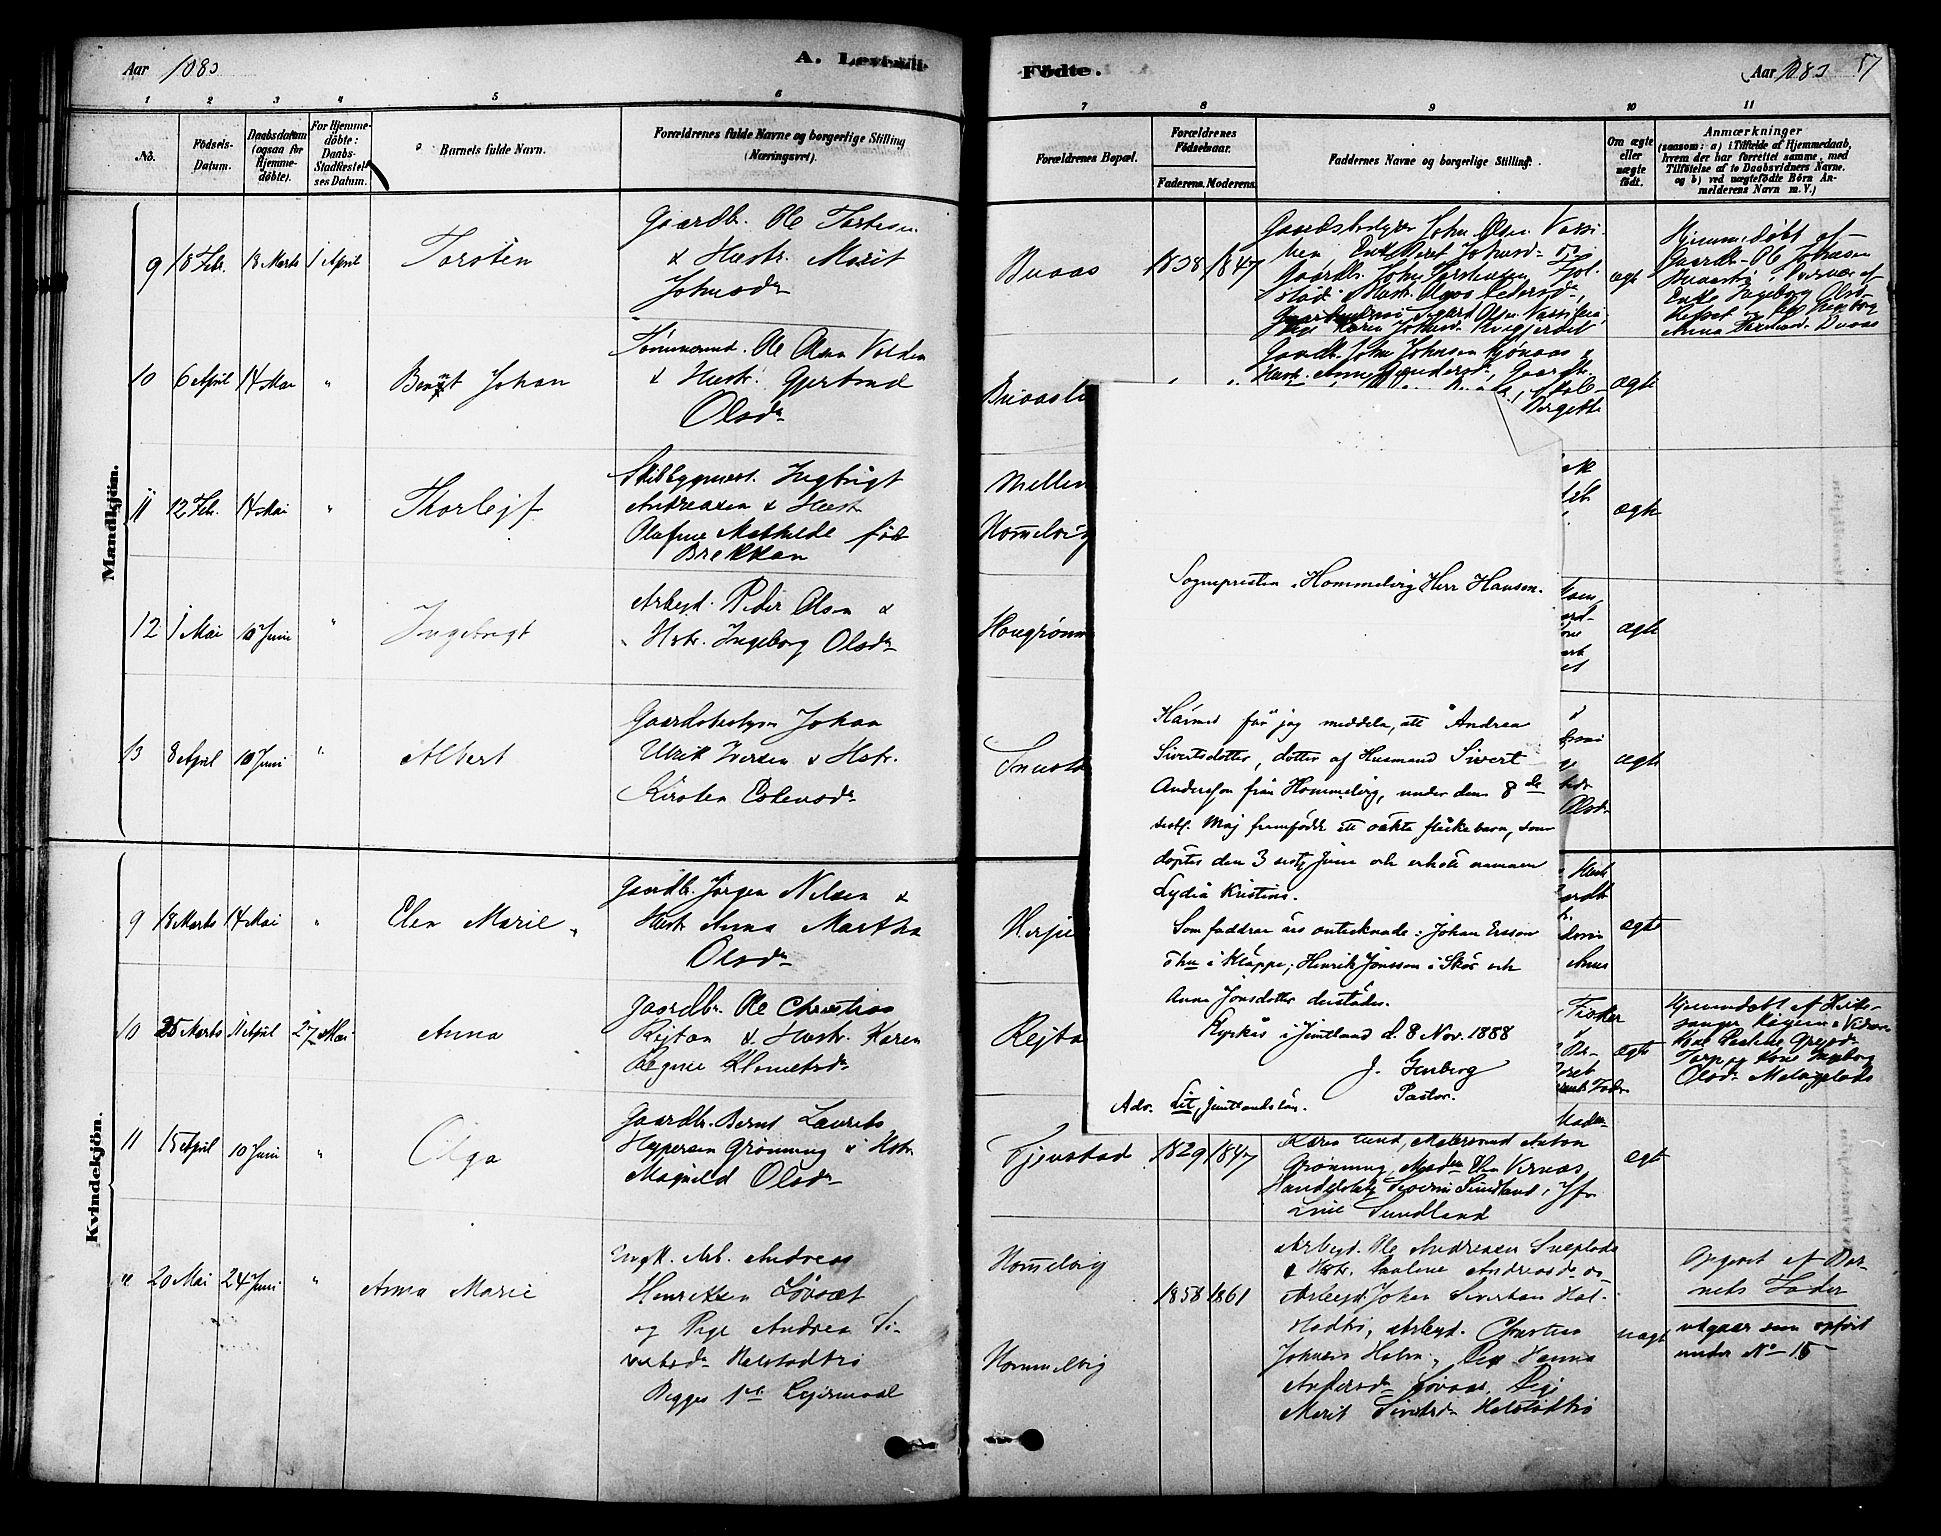 SAT, Ministerialprotokoller, klokkerbøker og fødselsregistre - Sør-Trøndelag, 616/L0410: Ministerialbok nr. 616A07, 1878-1893, s. 57